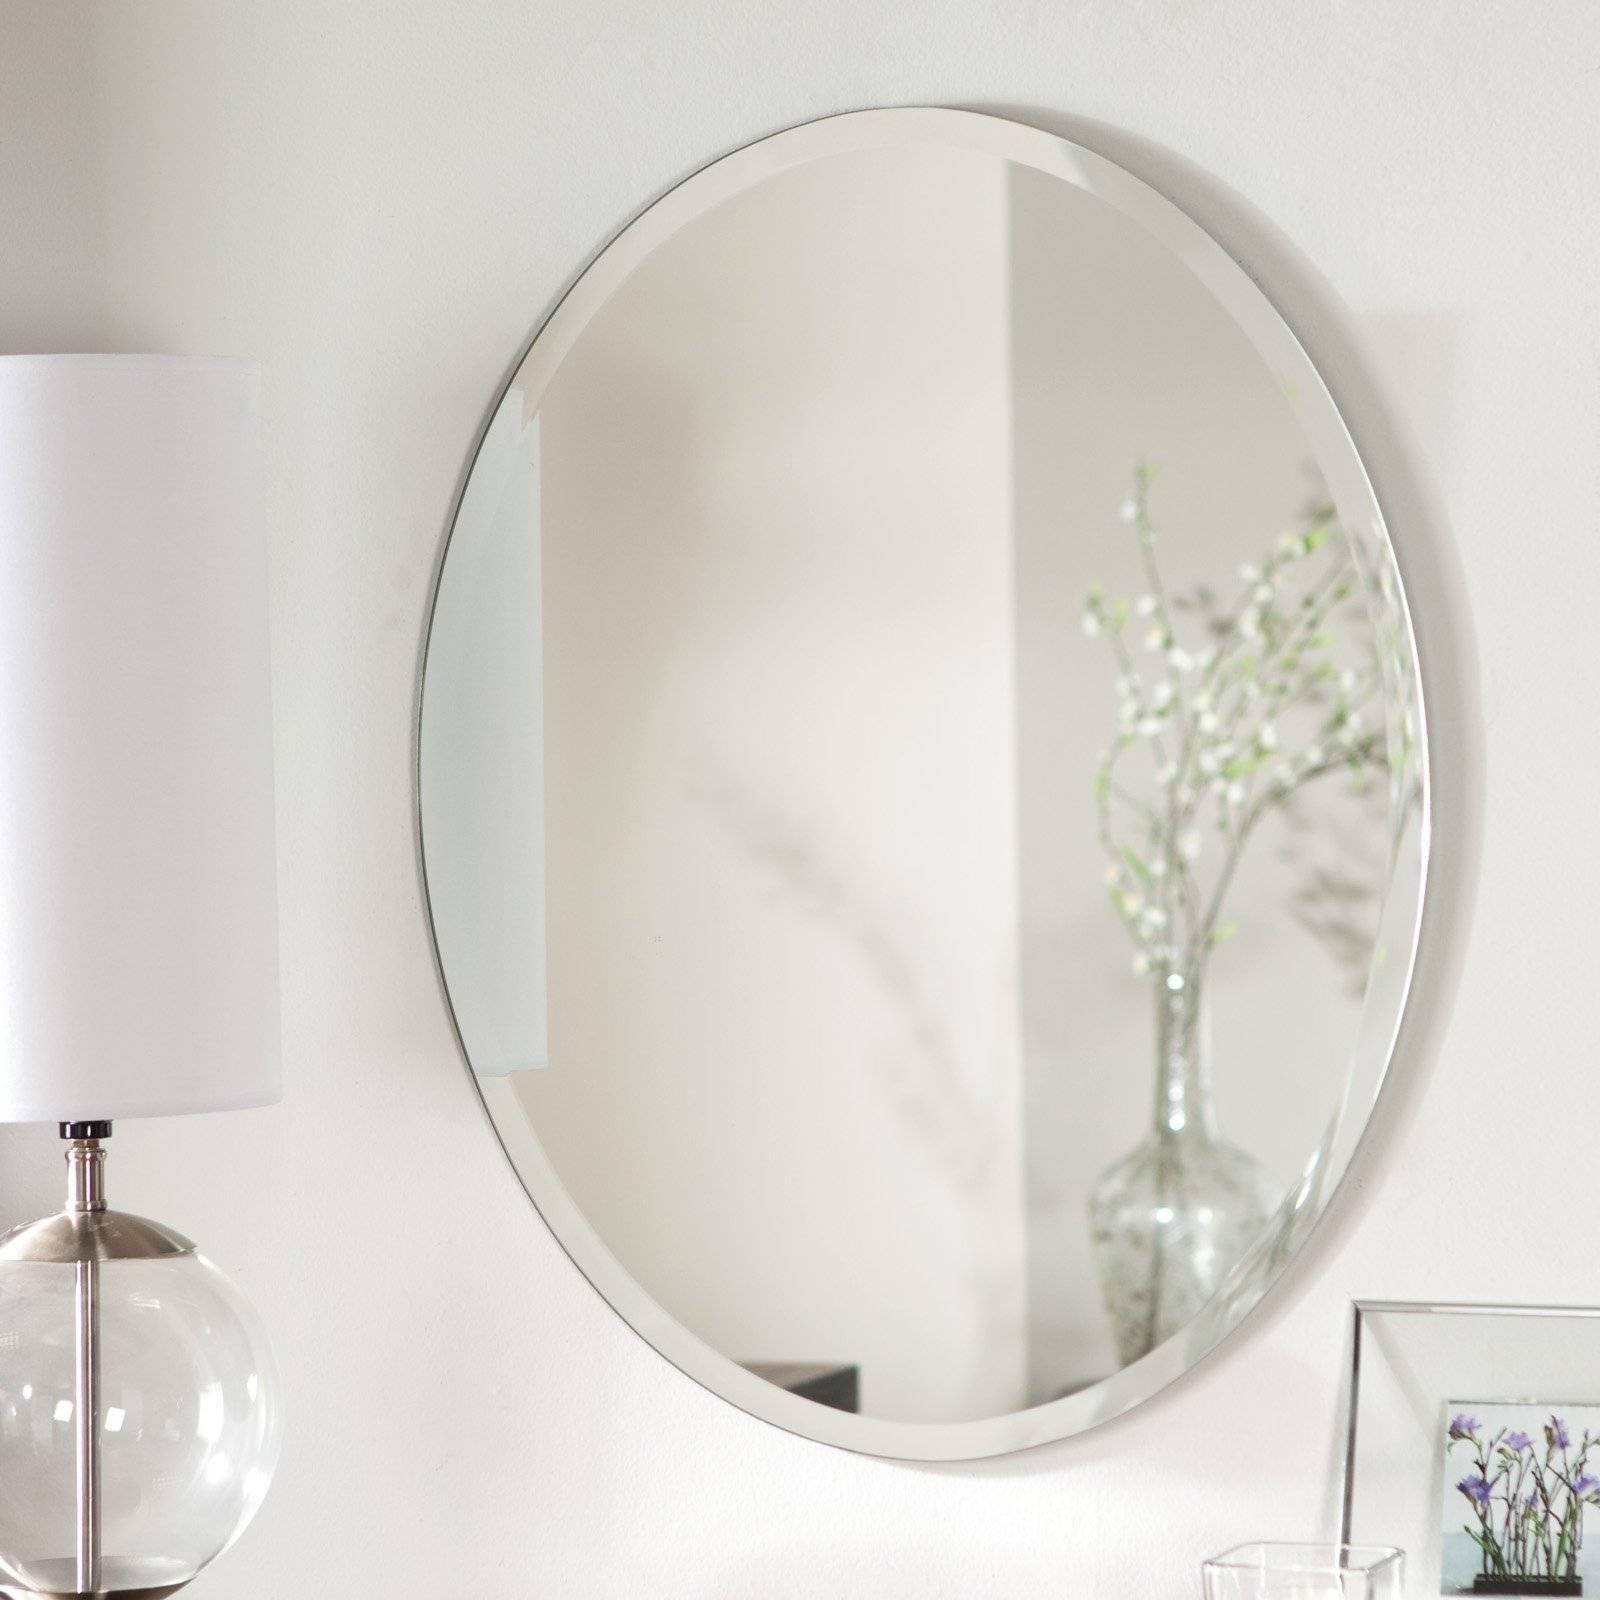 Décor Wonderland Odelia Oval Bevel Frameless Wall Mirror - 22W X throughout Frameless Wall Mirrors (Image 6 of 15)